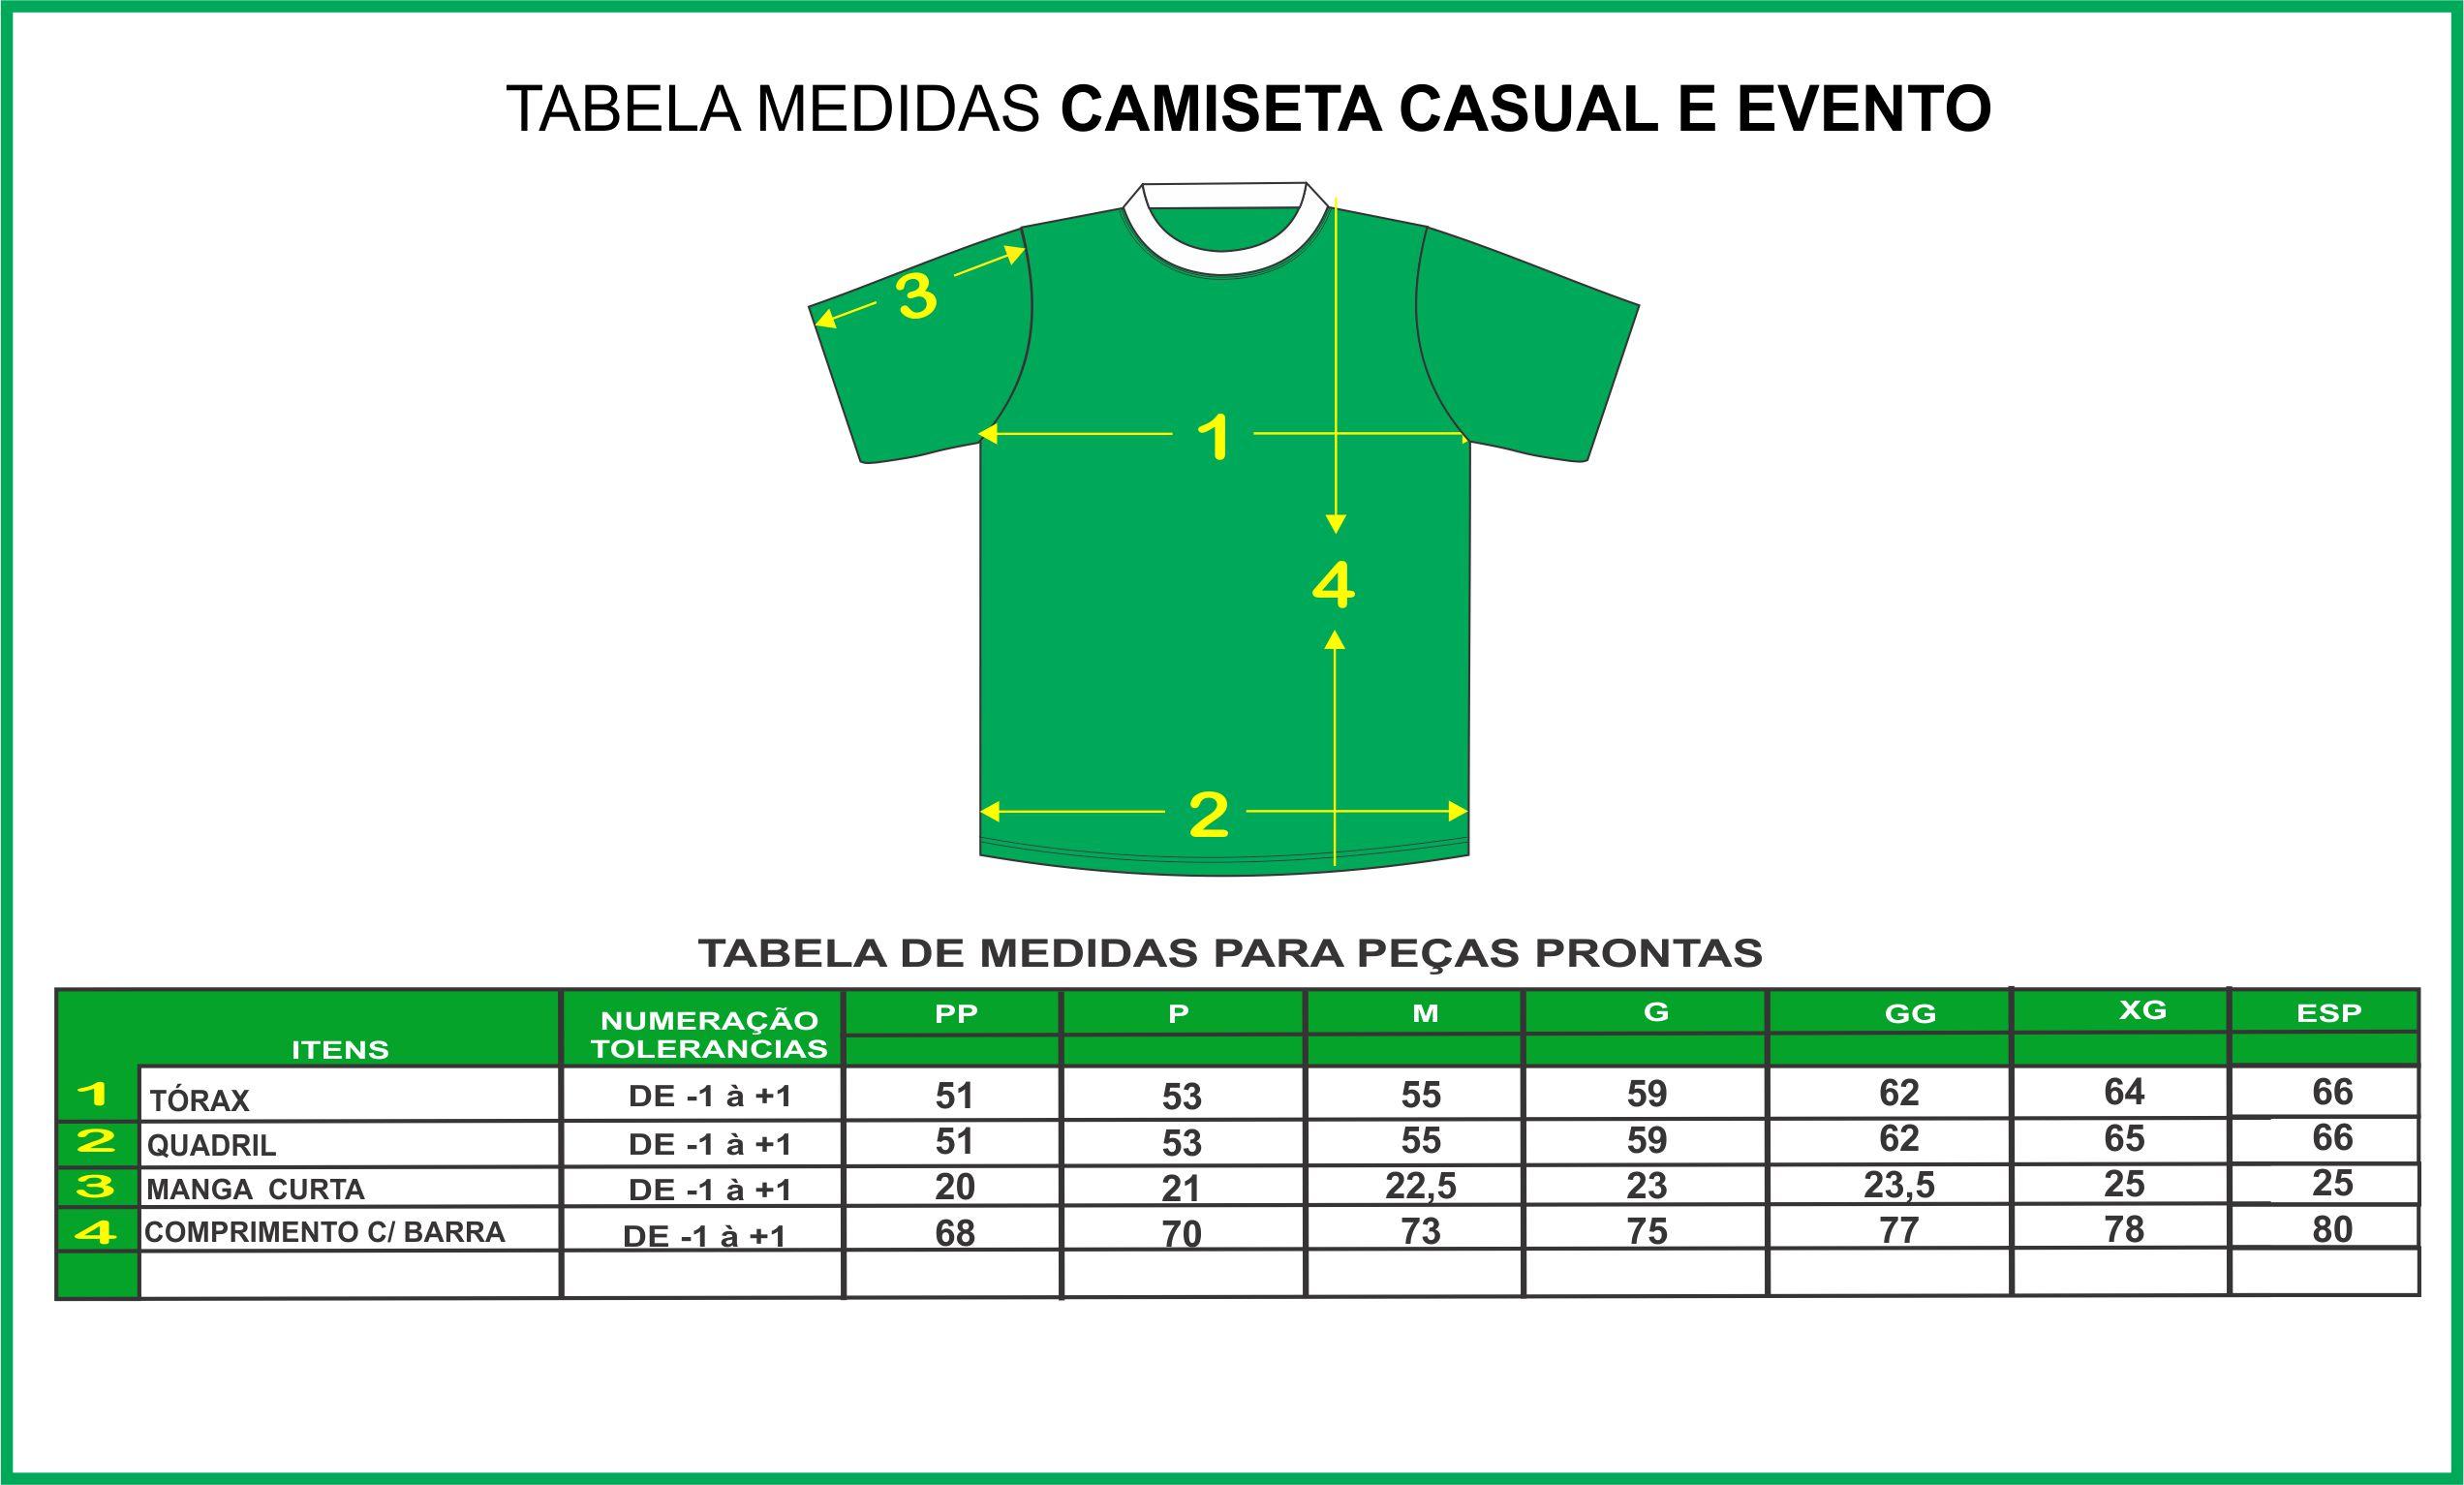 TABELA DE MEDIDAS CASUAL E EVENTO - NOVA